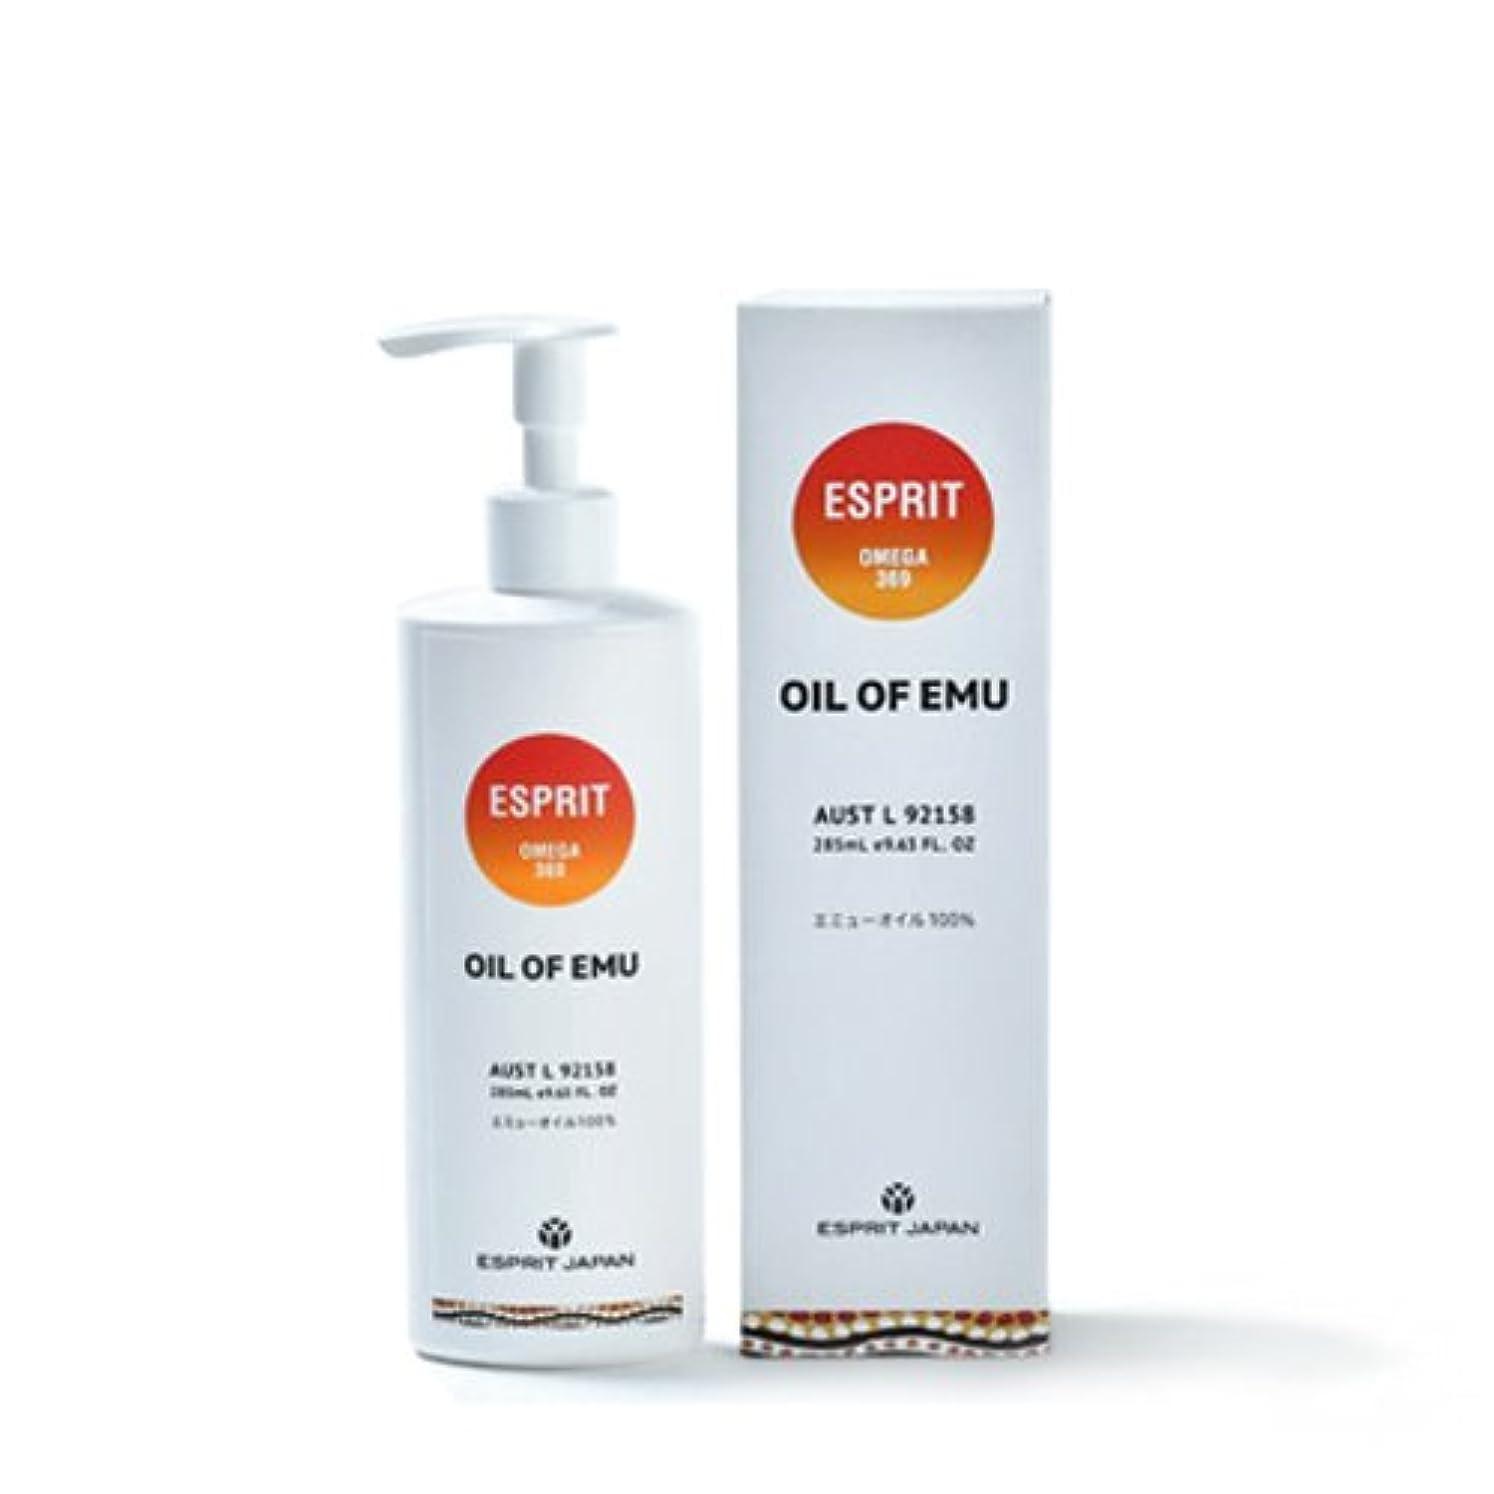 勝者変換する警戒【OIL OF EMU】【285ml】【エミューマッサージオイル】【エミューオイル】EMU SPIRIT製 オイル?オブ?エミュー 285ml OIL of EMU (エミューオイル 100%) Sサイズ